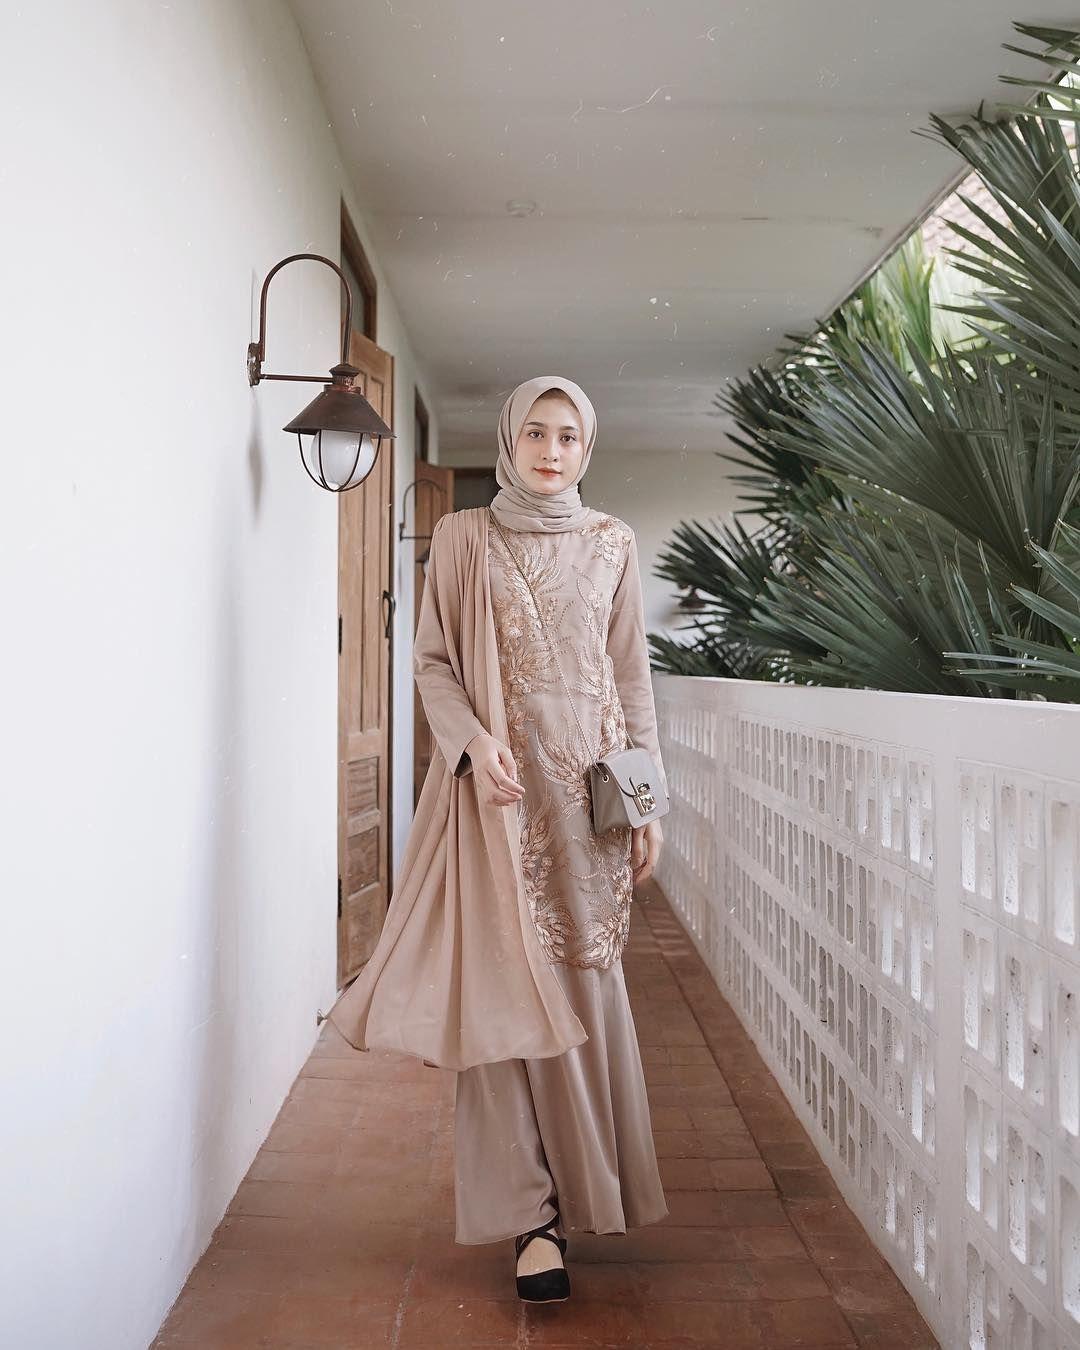 Image May Contain 1 Person Standing Gaun Perempuan Pakaian Pernikahan Pakaian Pesta